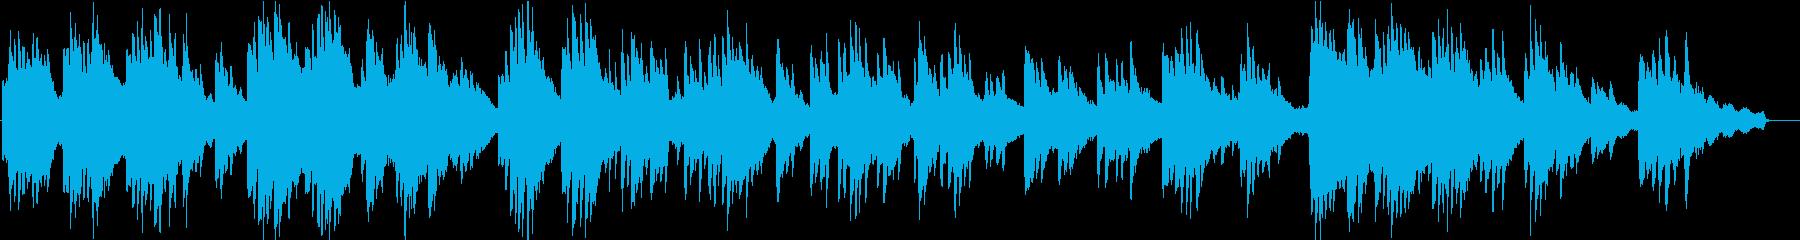 ヒーリングピアノ組曲 まどろみ 8の再生済みの波形